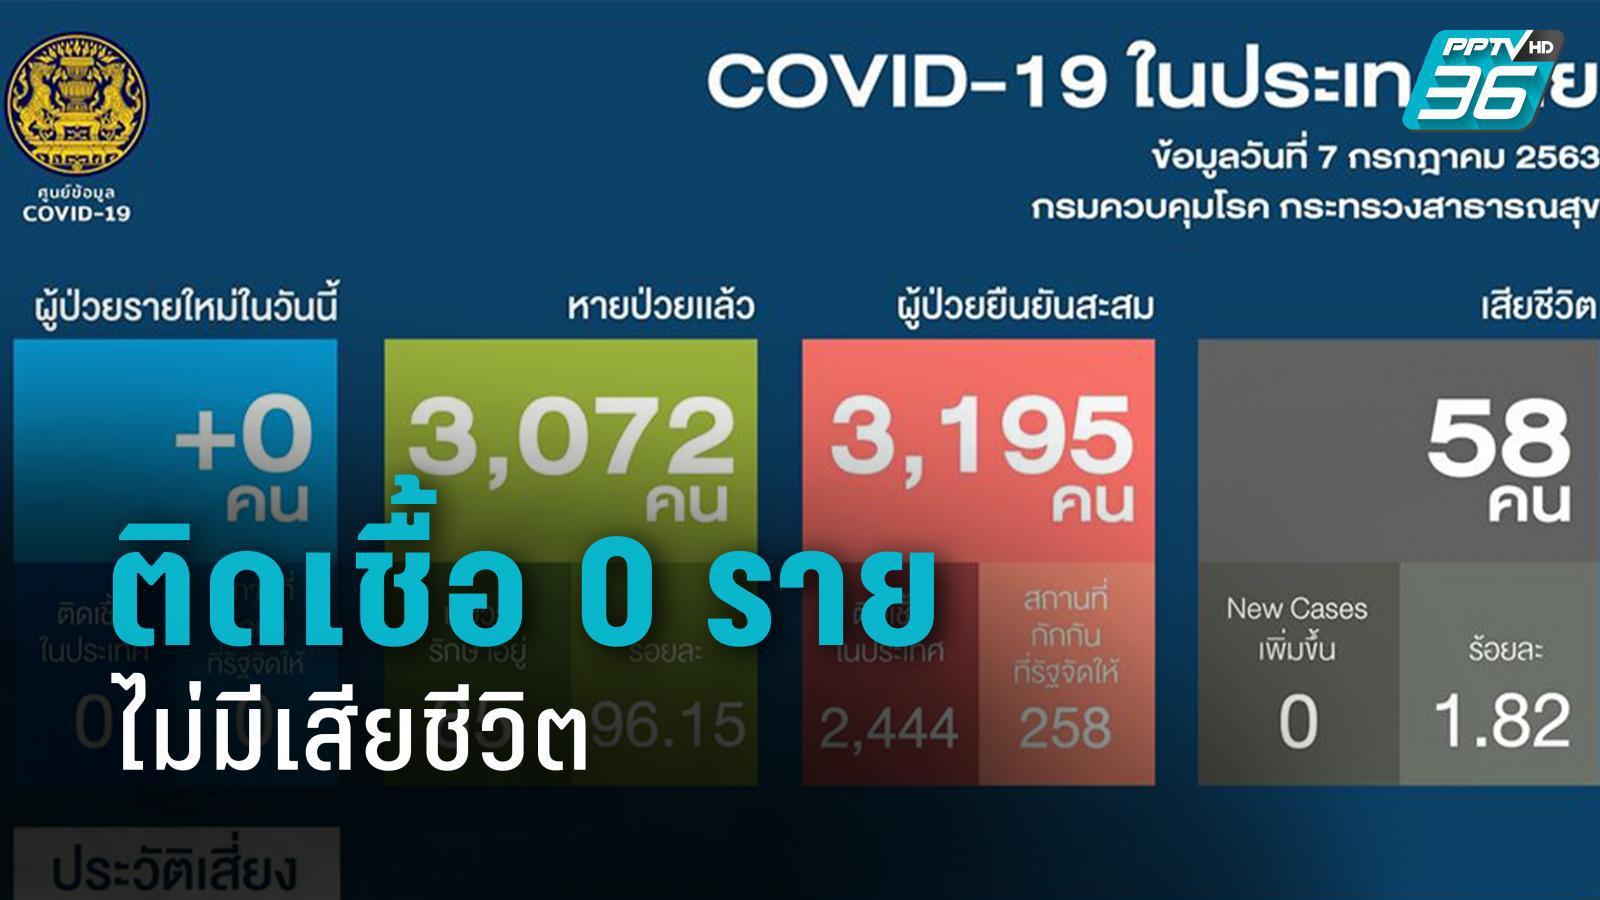 ตัวเลข 0 รายไทยไม่พบติดเชื้อโควิด-19 รายใหม่ ส่วนอินเดีย ติดเชื้อพุ่งอันดับ 3ของโลก